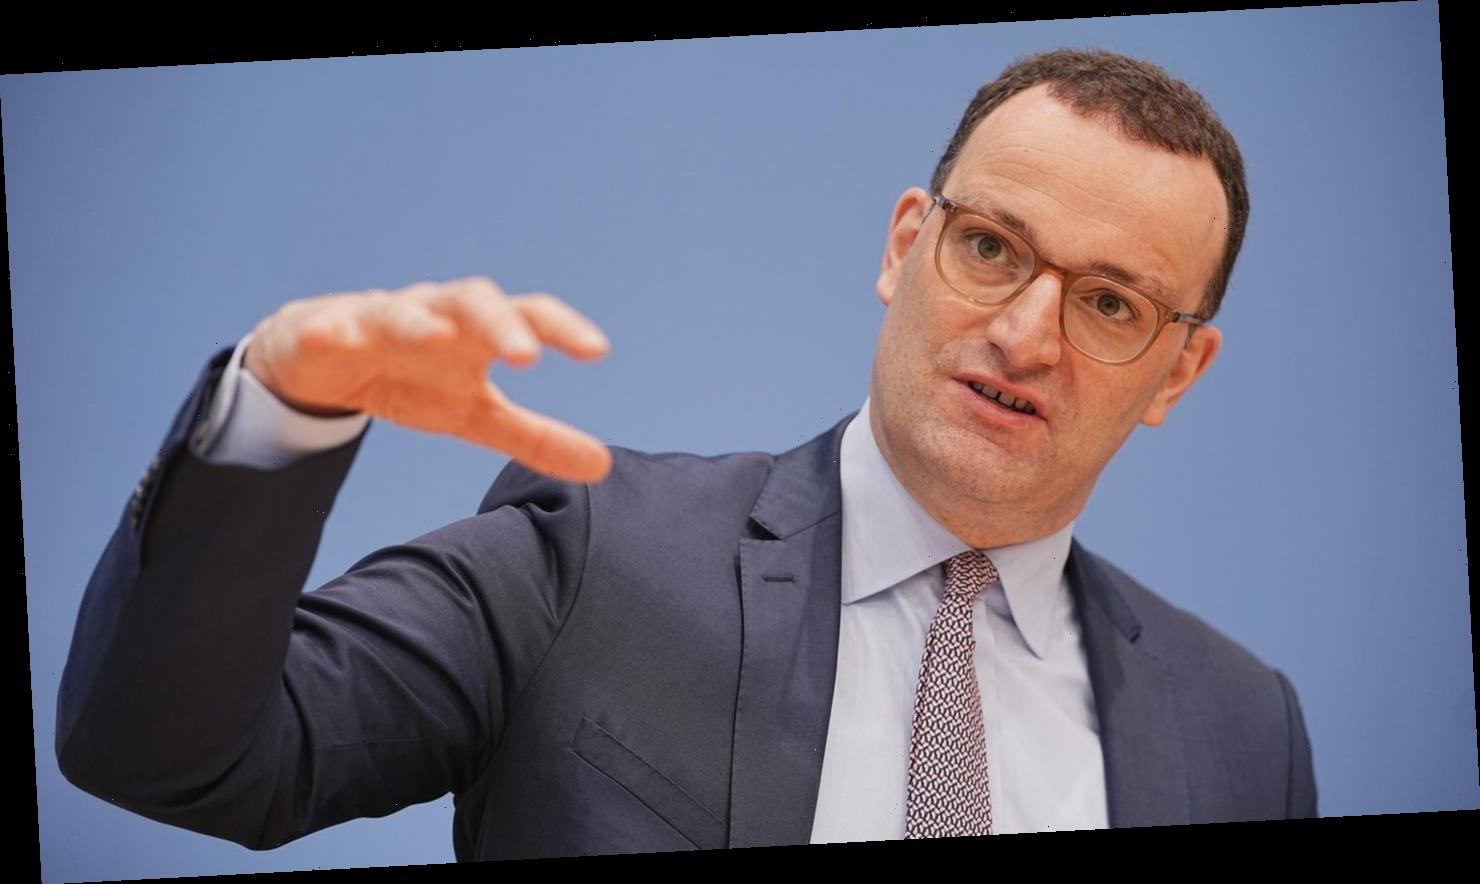 Priorisierung für Impfstoff von Johnson & Johnson in Deutschland aufgehoben